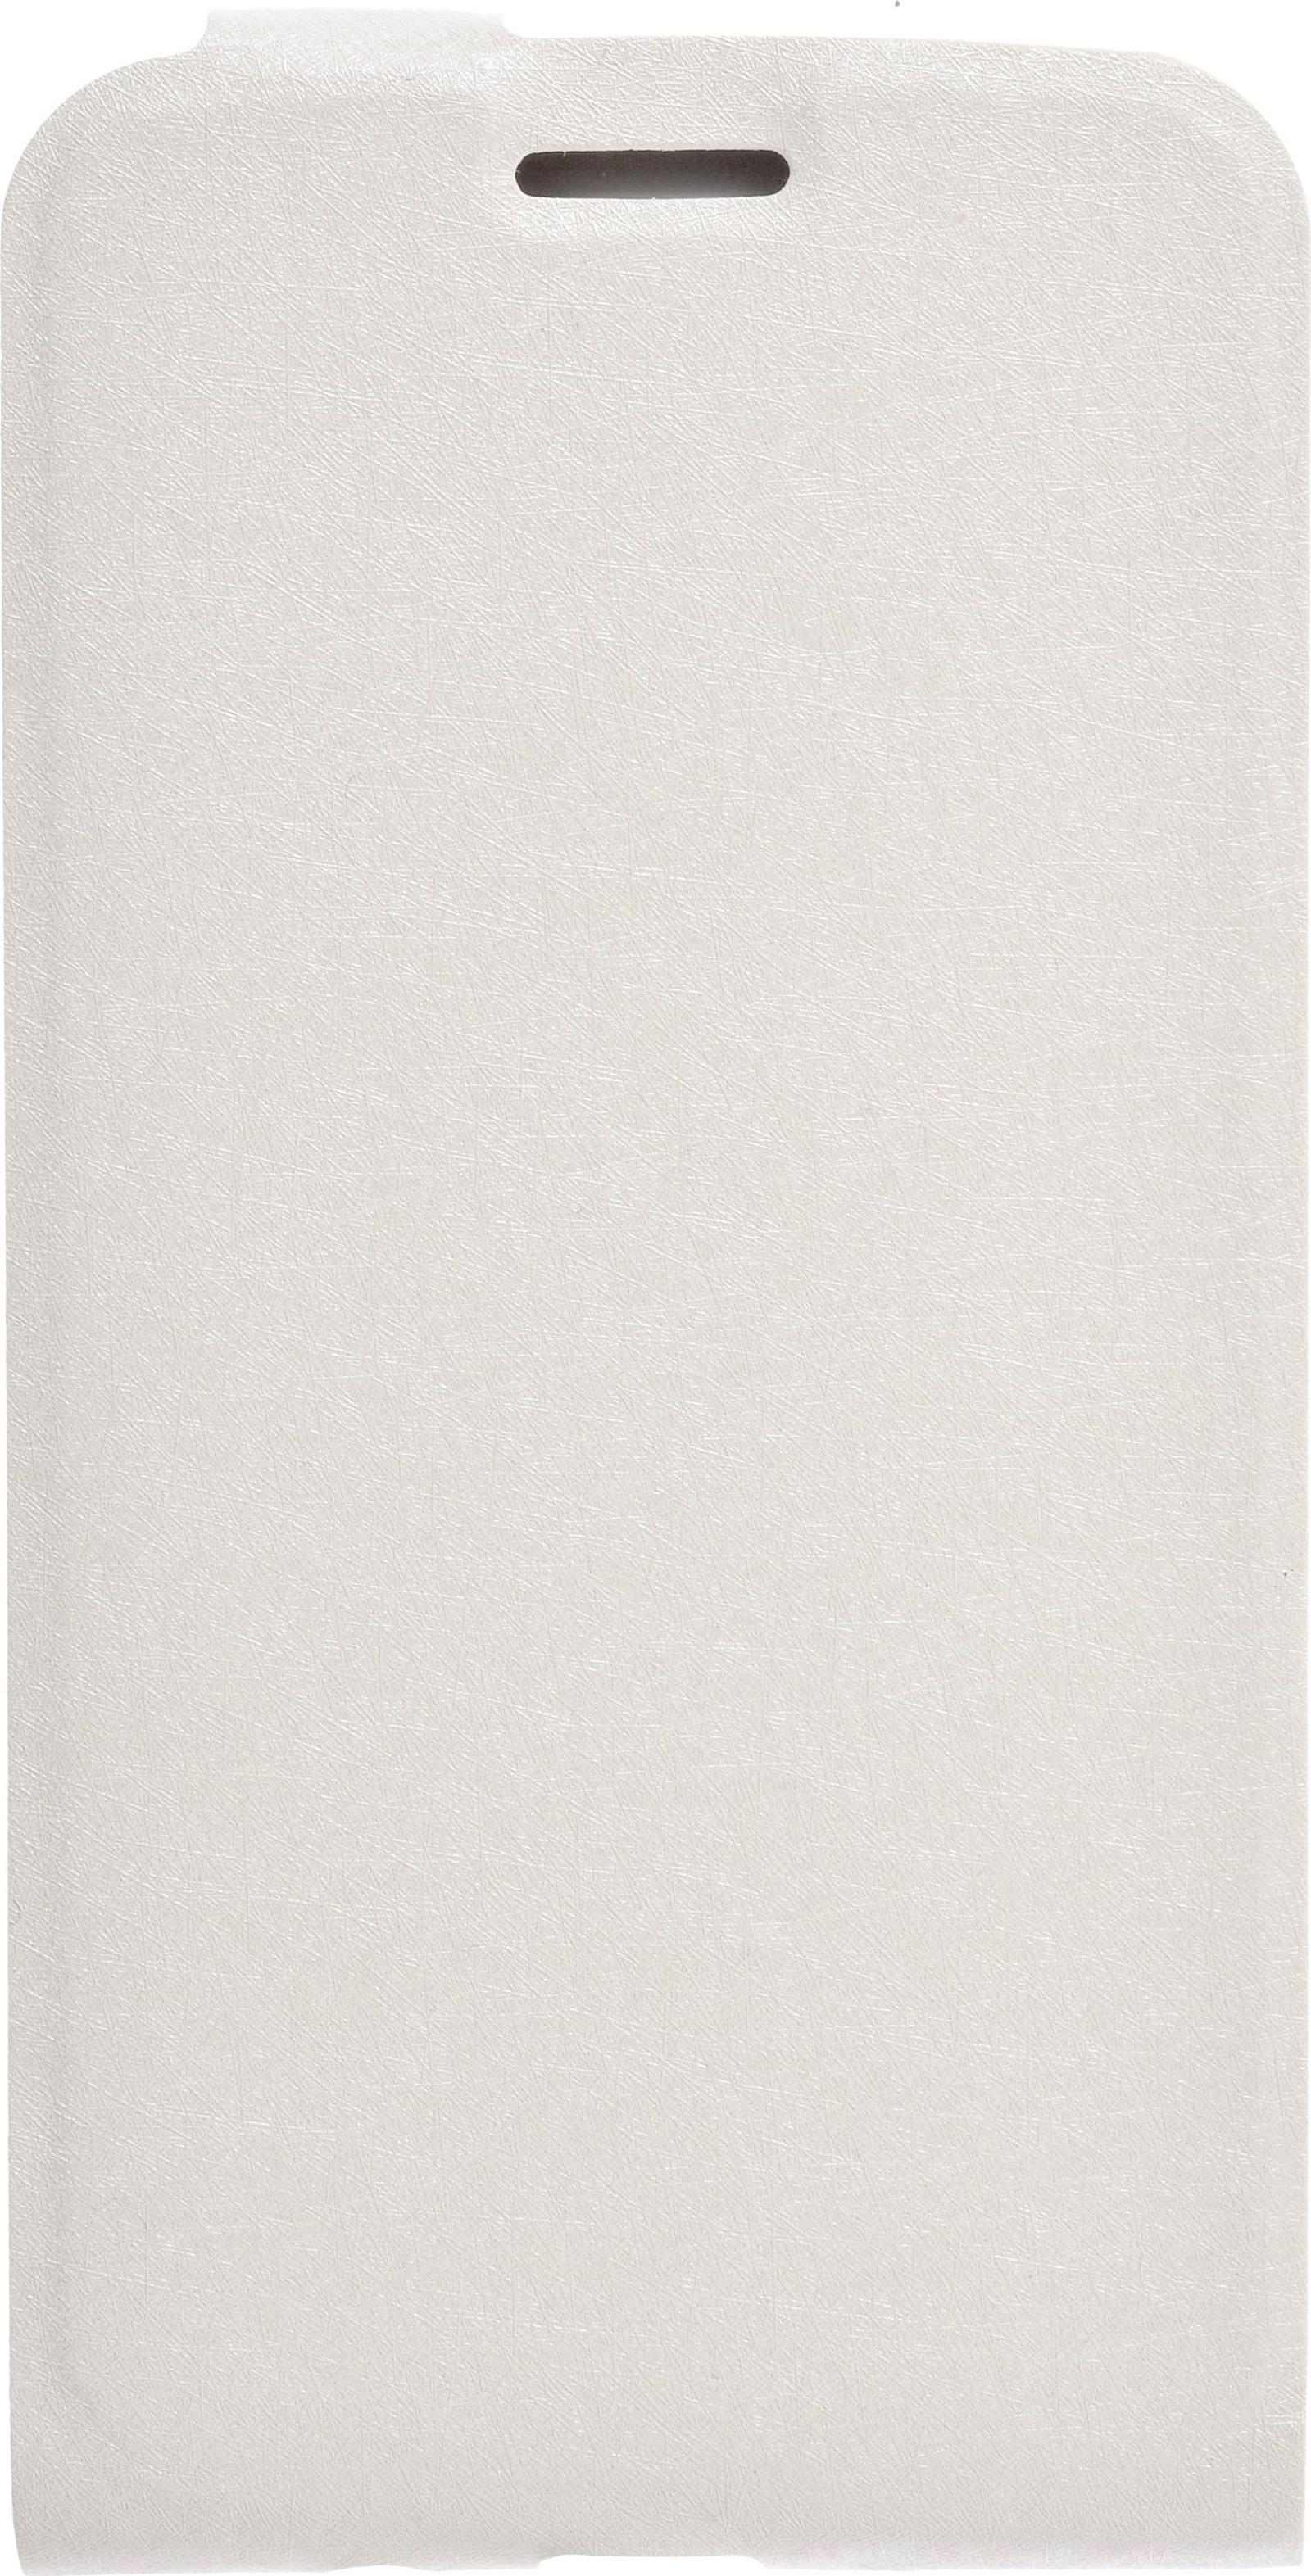 Чехол для сотового телефона skinBOX Flip slim, 4630042528154, белый skinbox защитное стекло для lg nexus 5x глянцевое